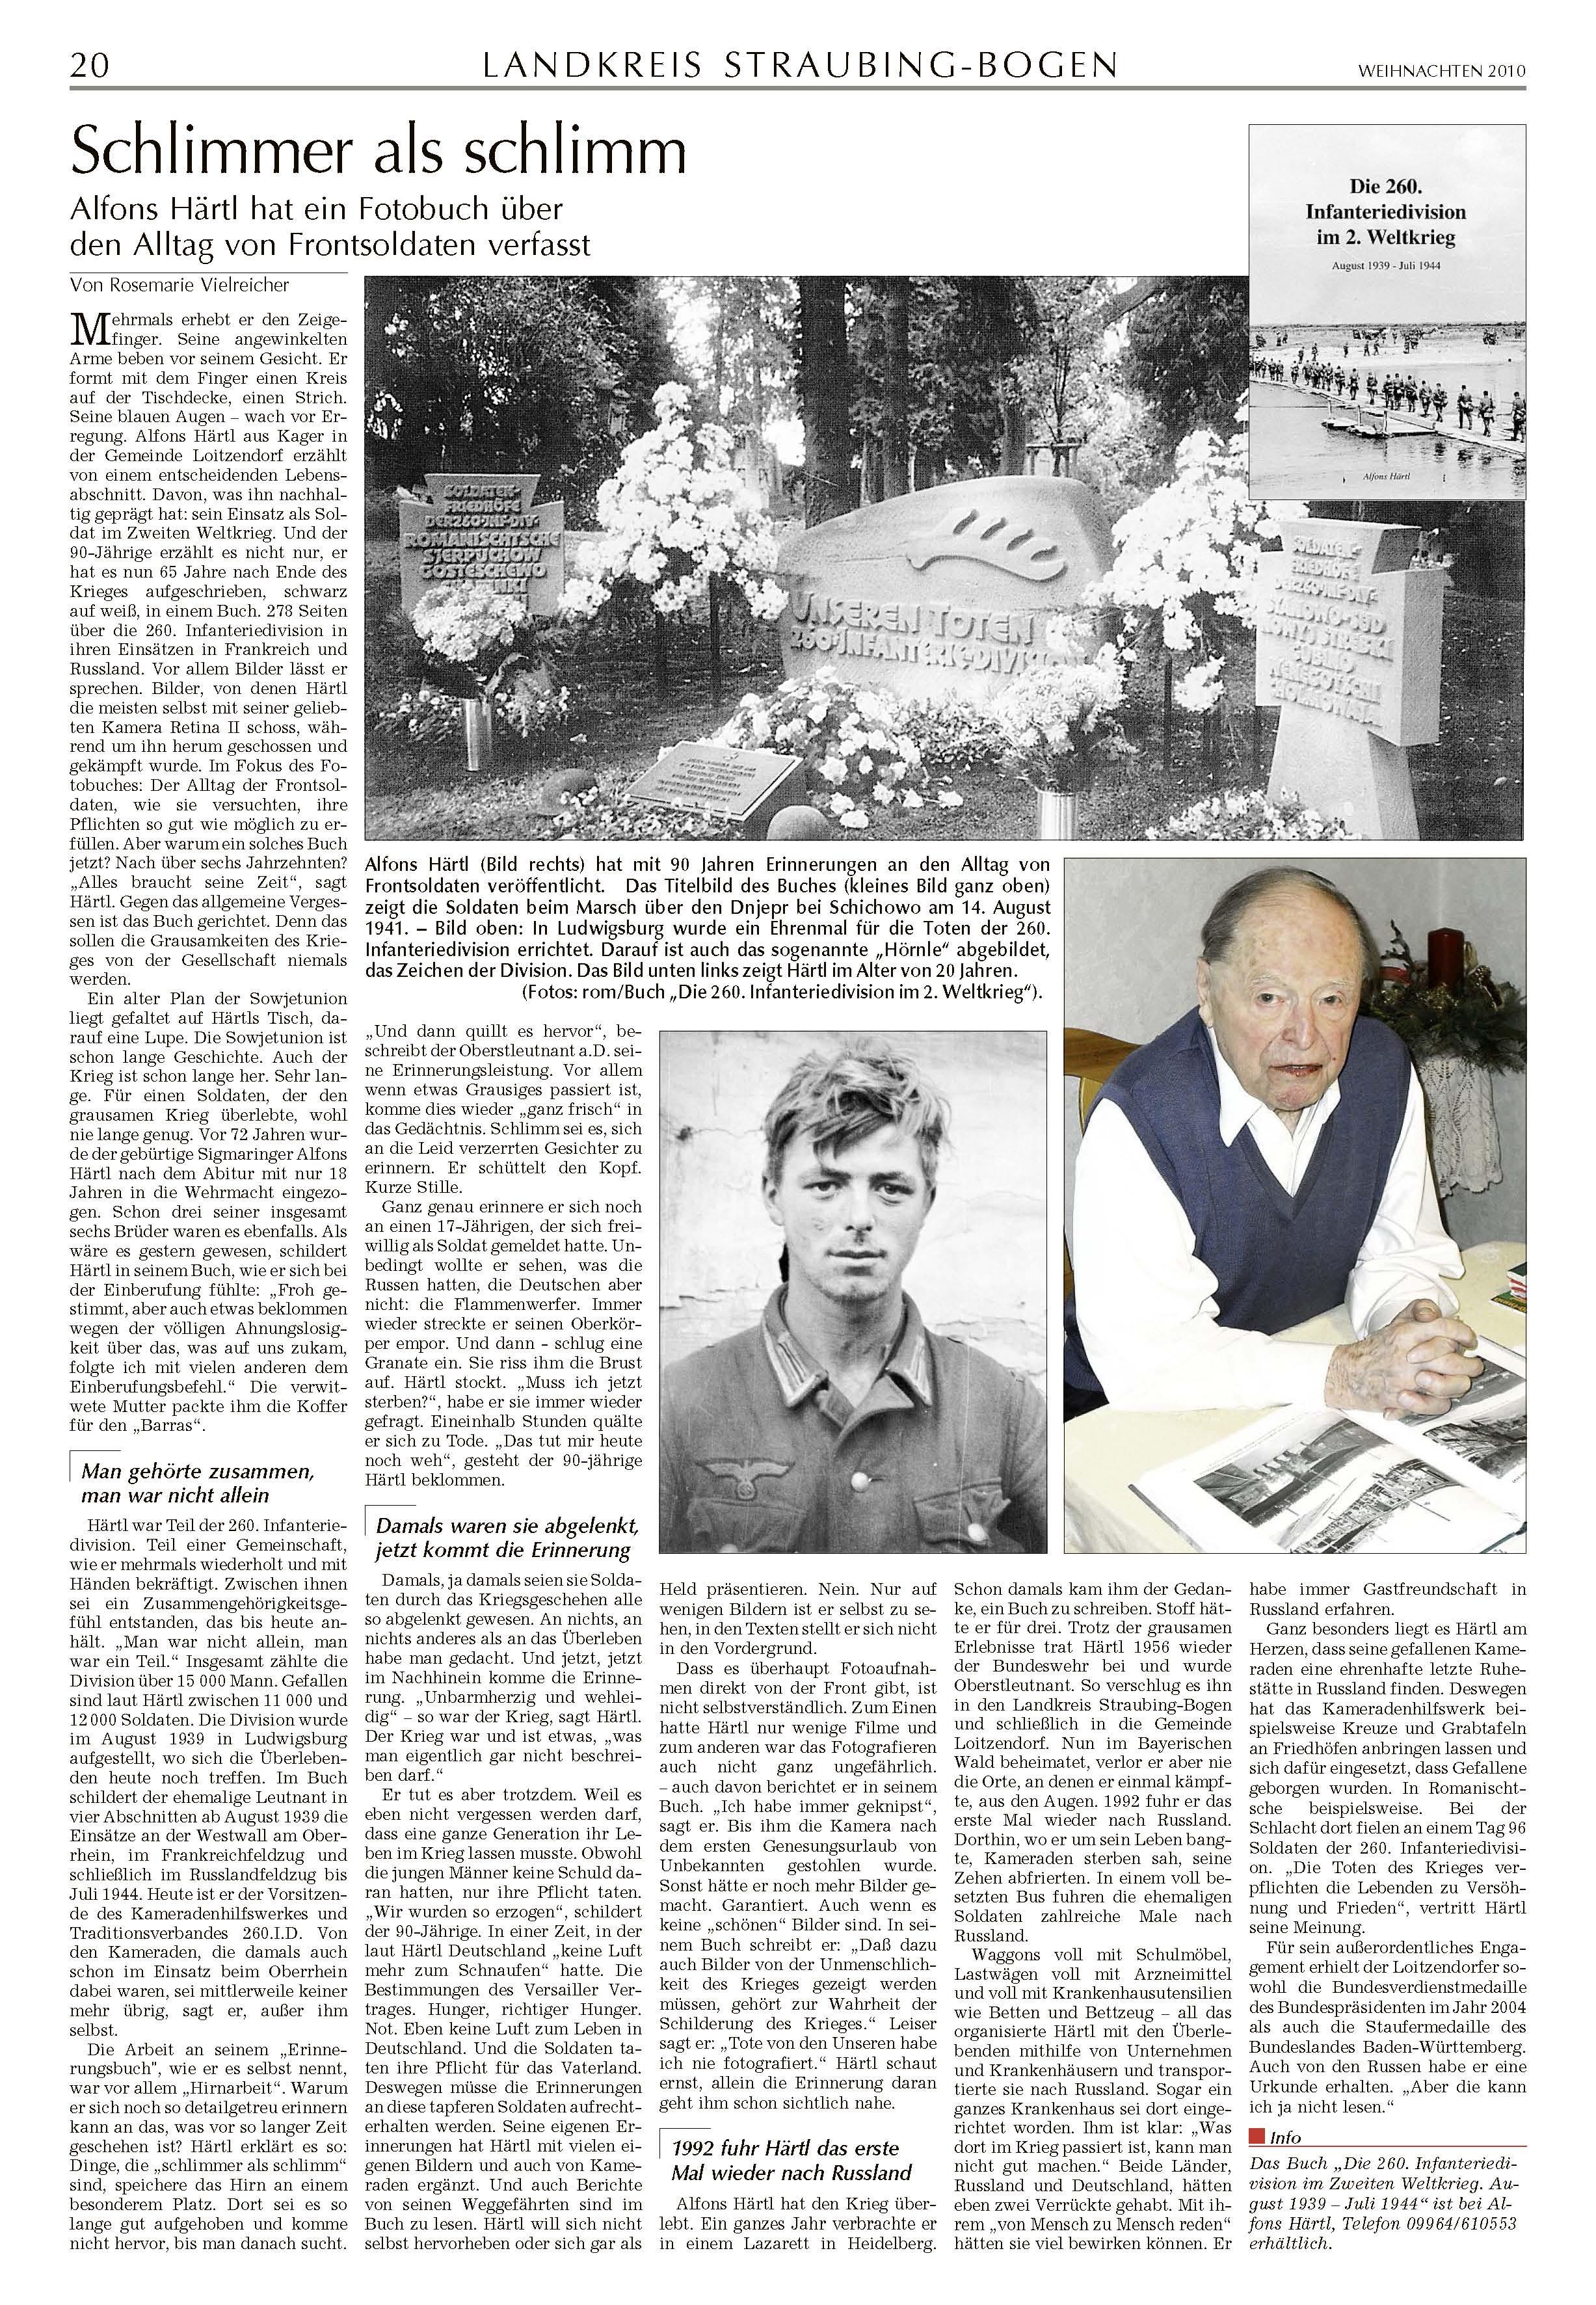 Straubinger Tagblatt vom 24.12.2010 über den neuen Bildband